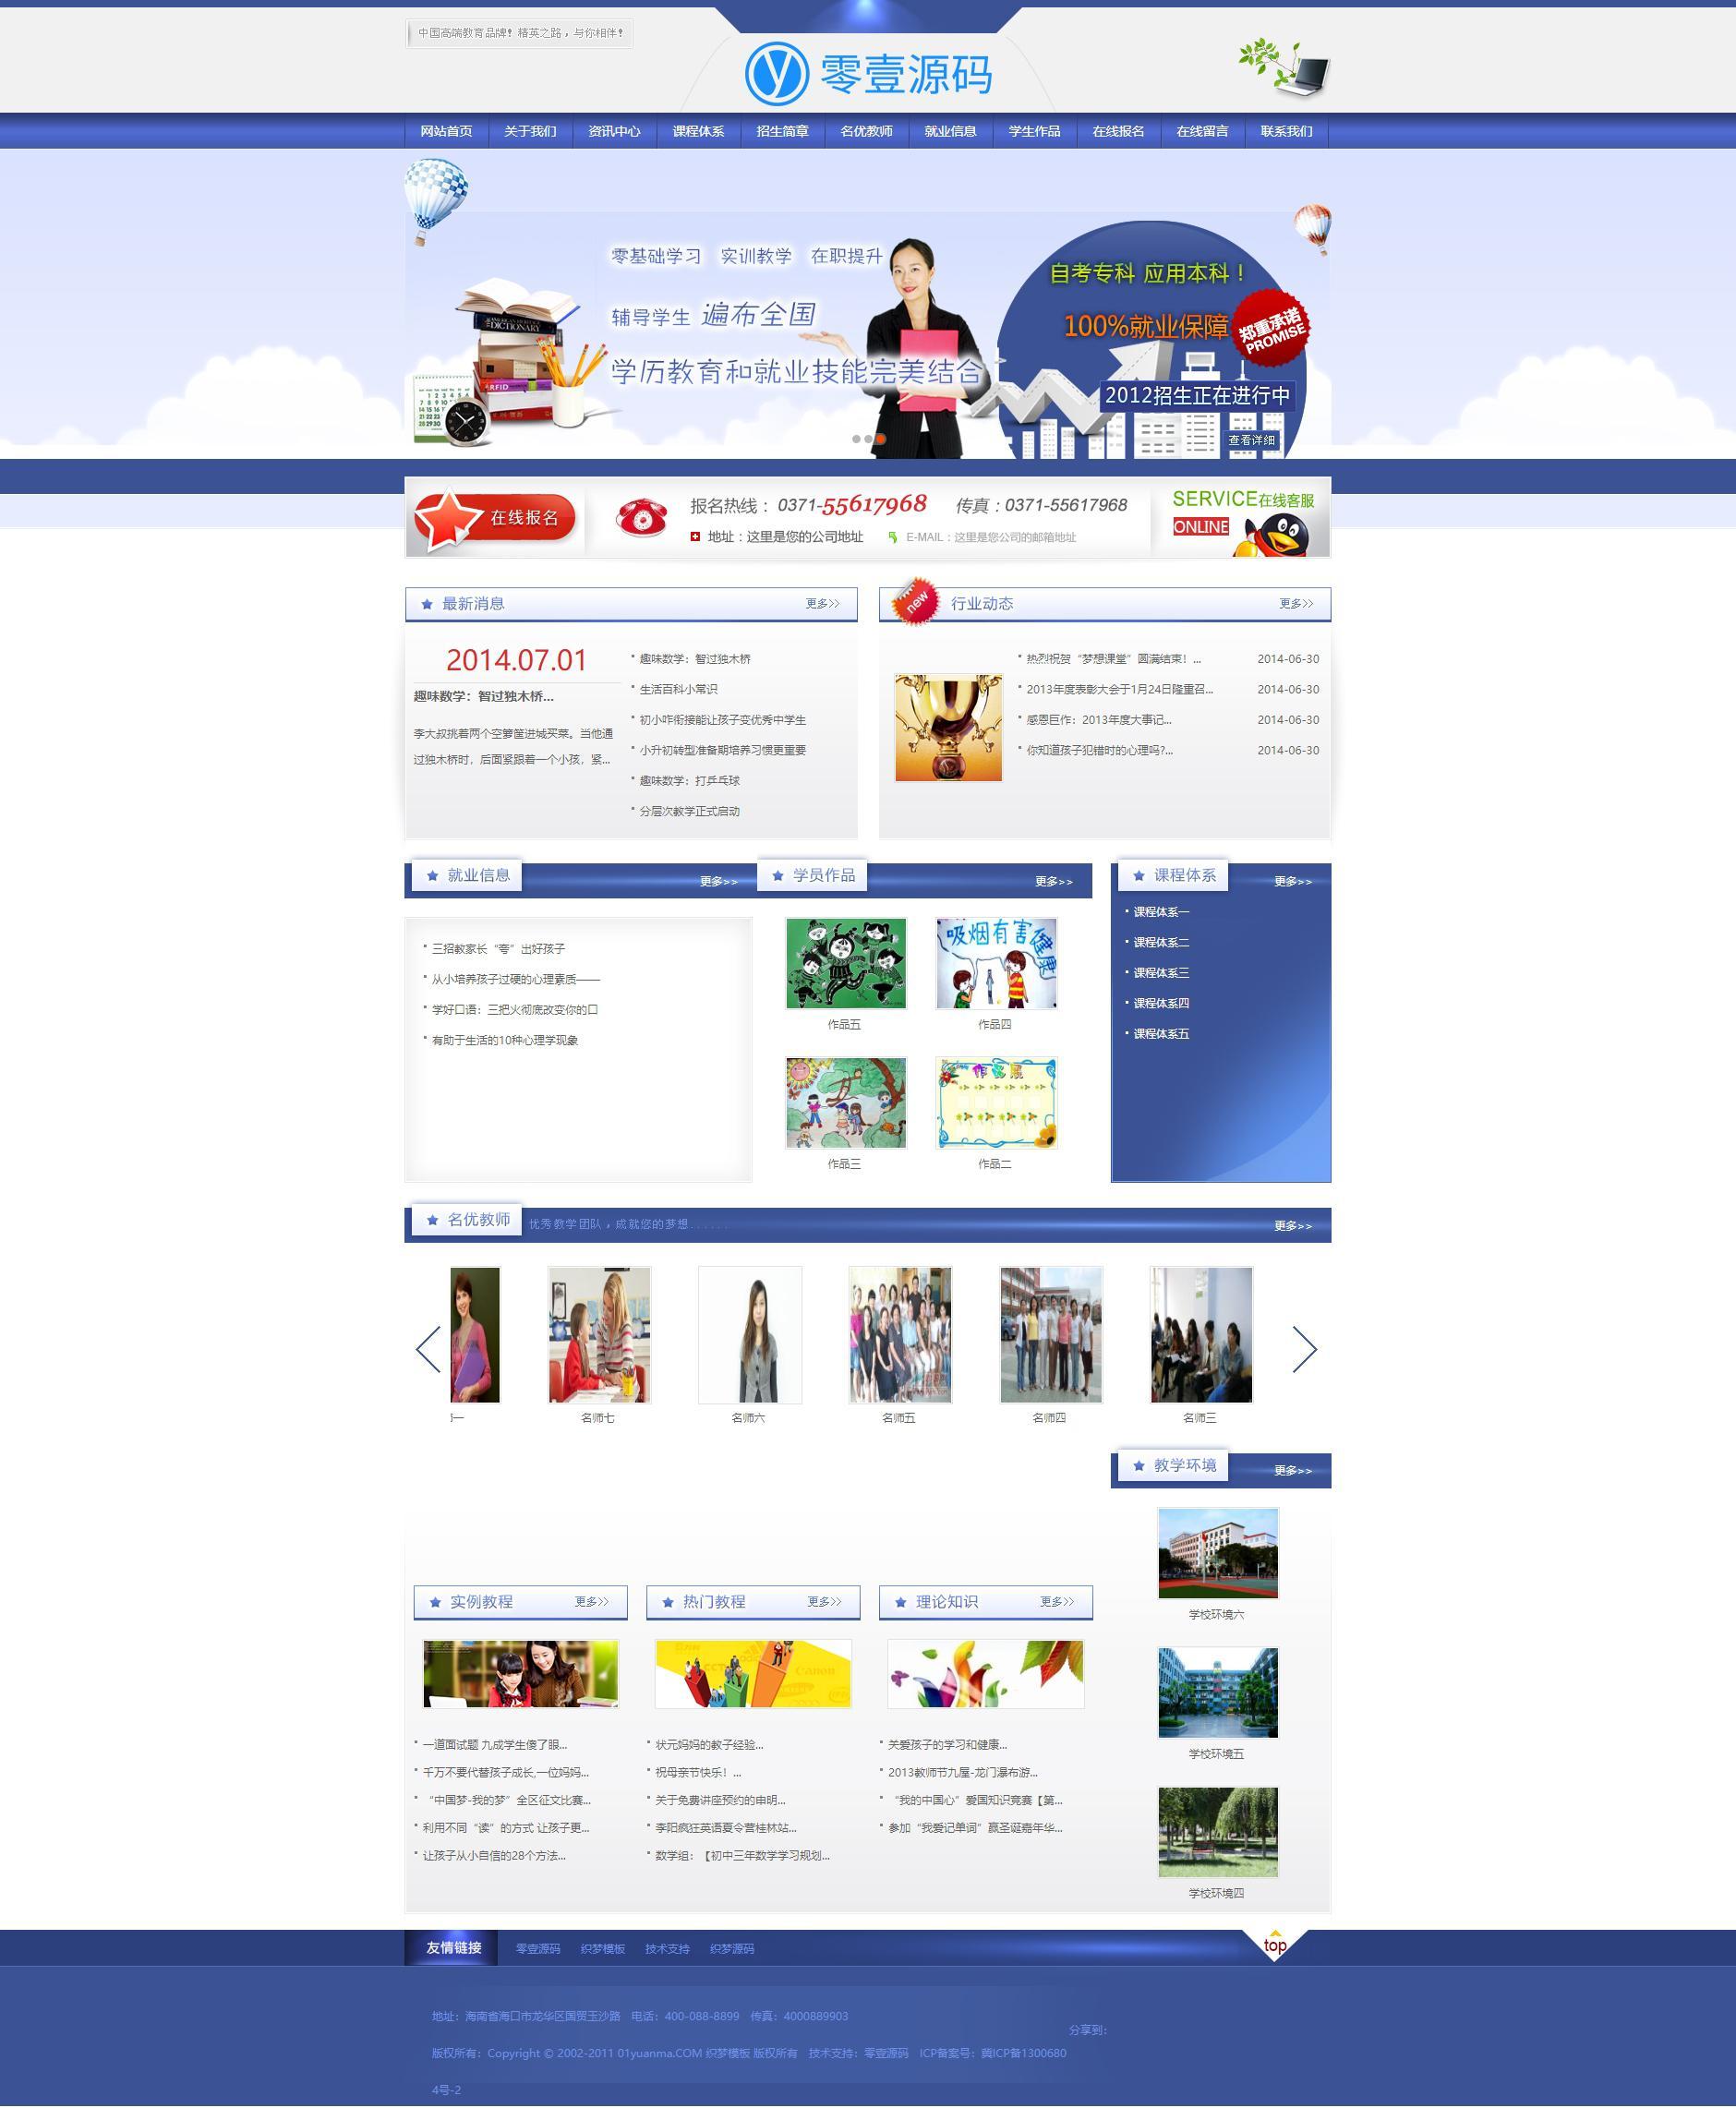 蓝色大气专科本科学校教育培训类企业网站织梦dedecms模板